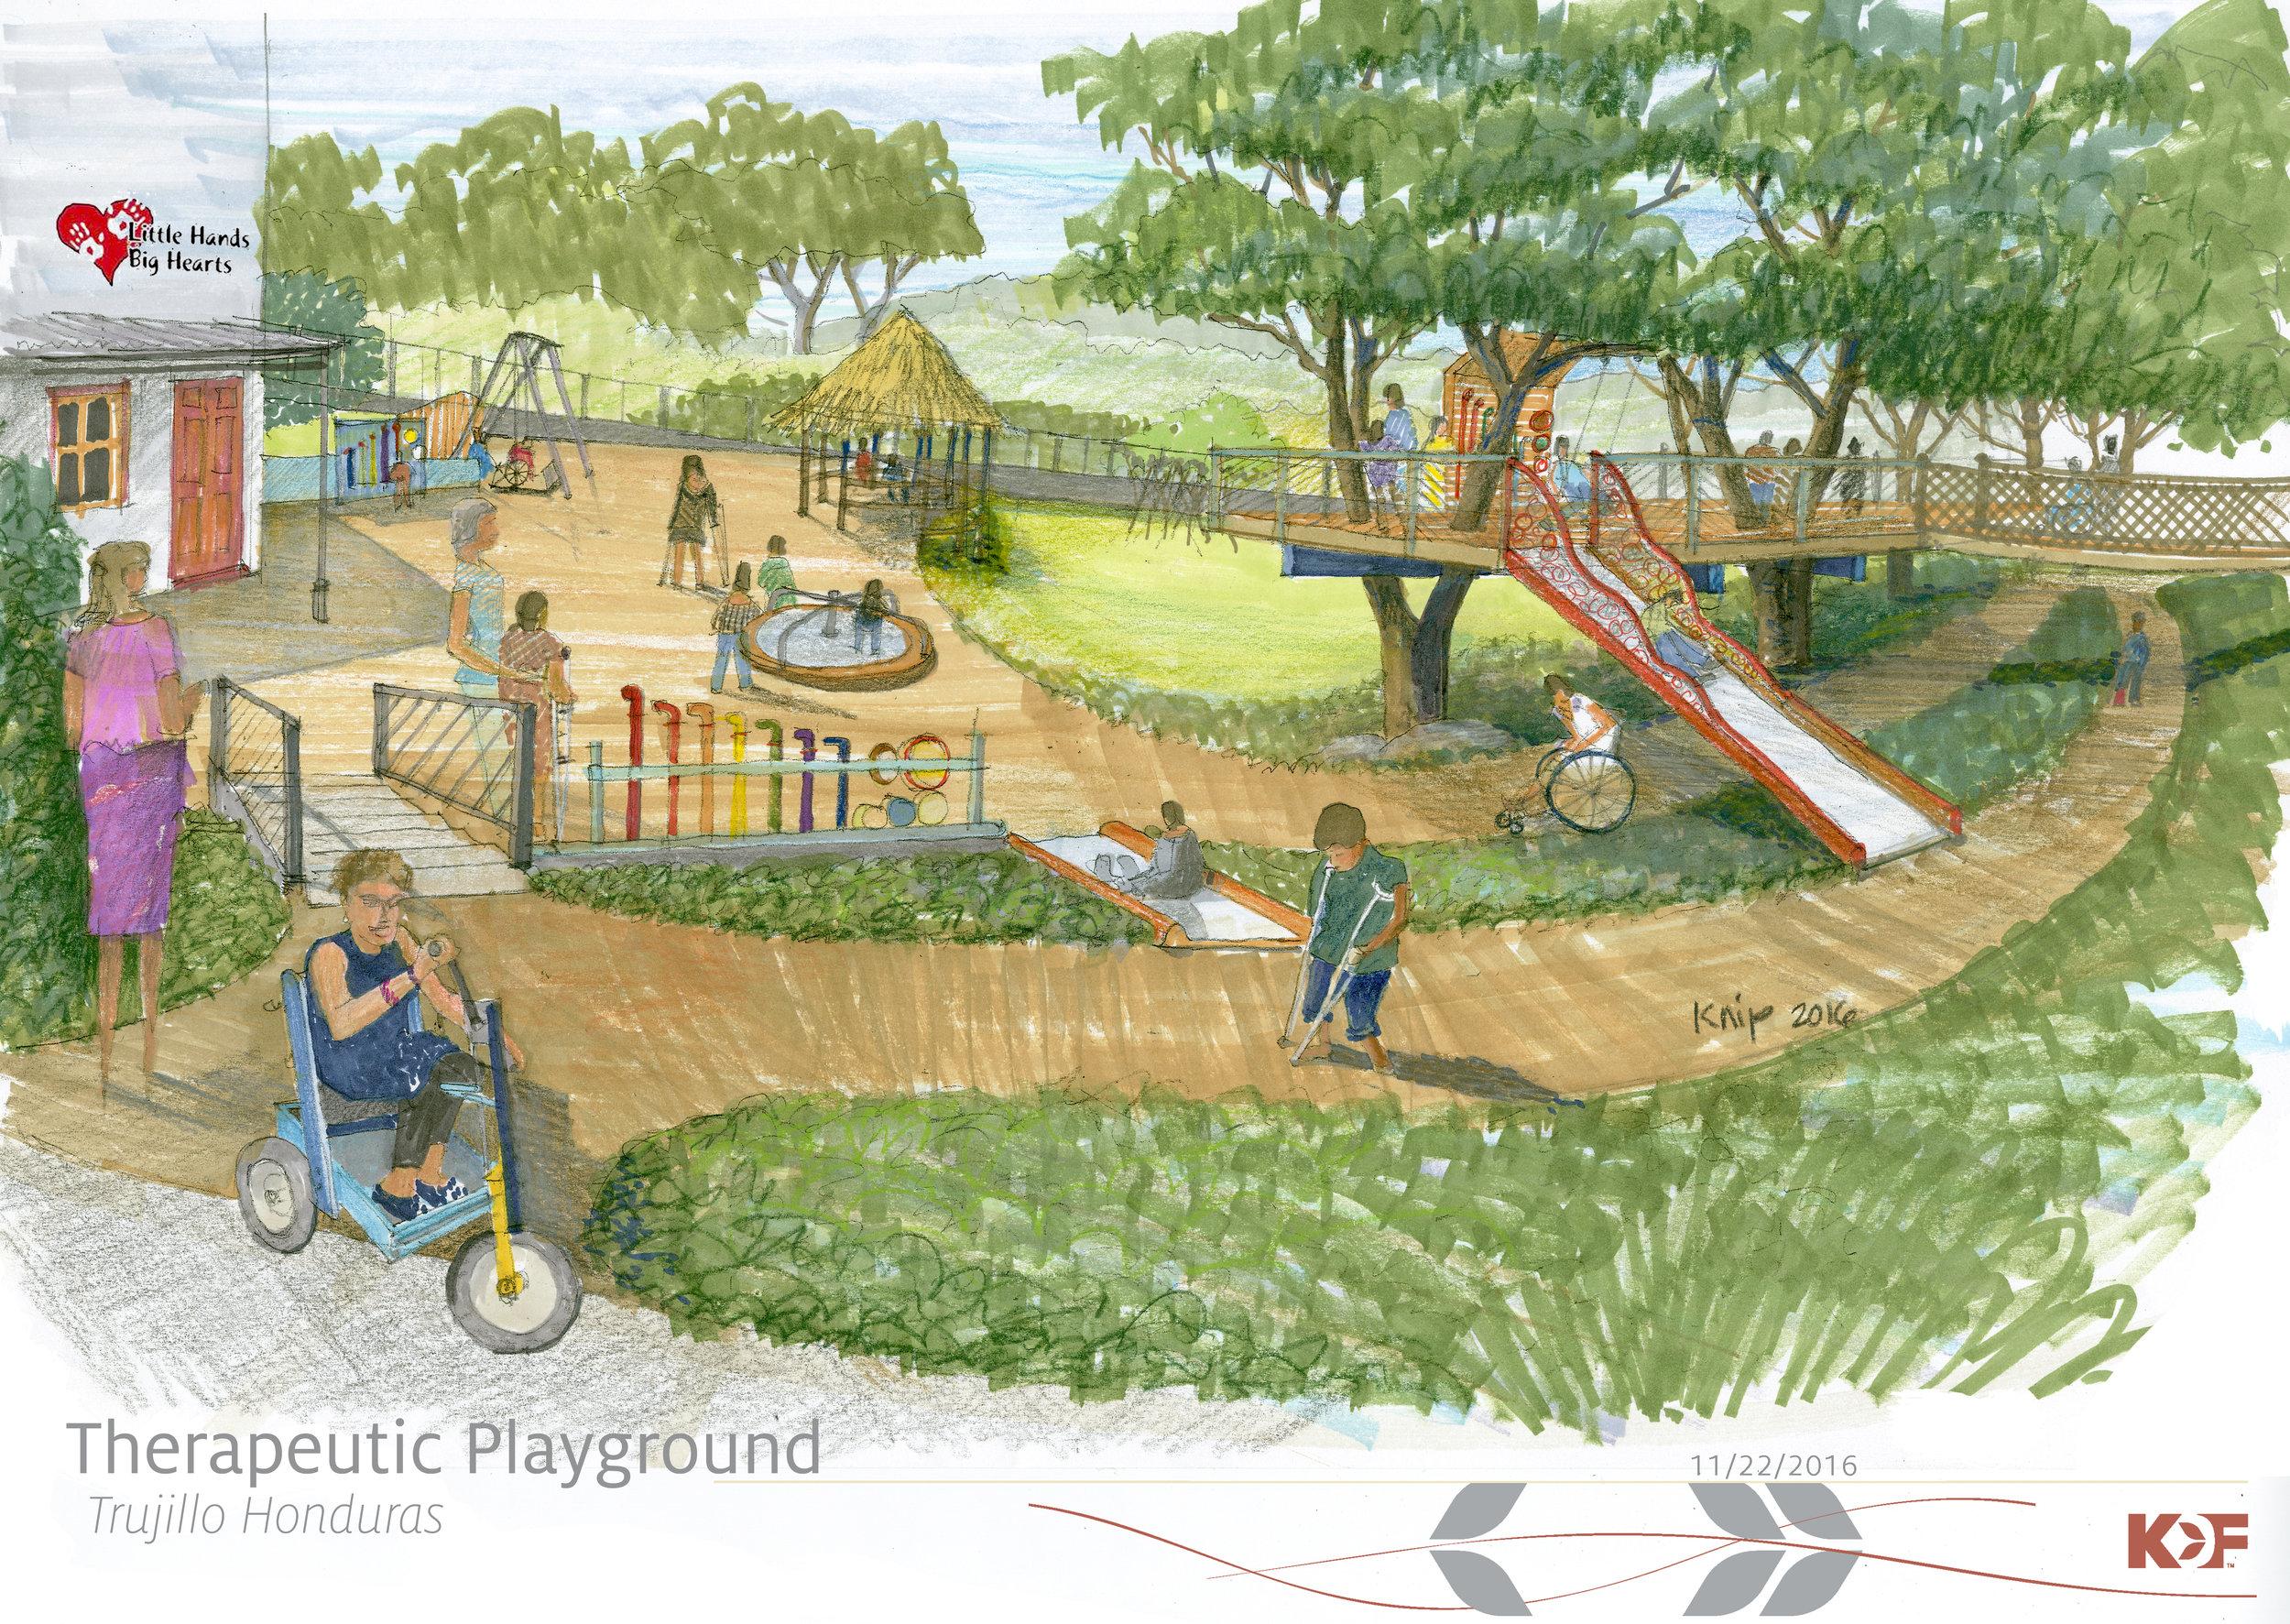 Therapeutic Playground.jpg